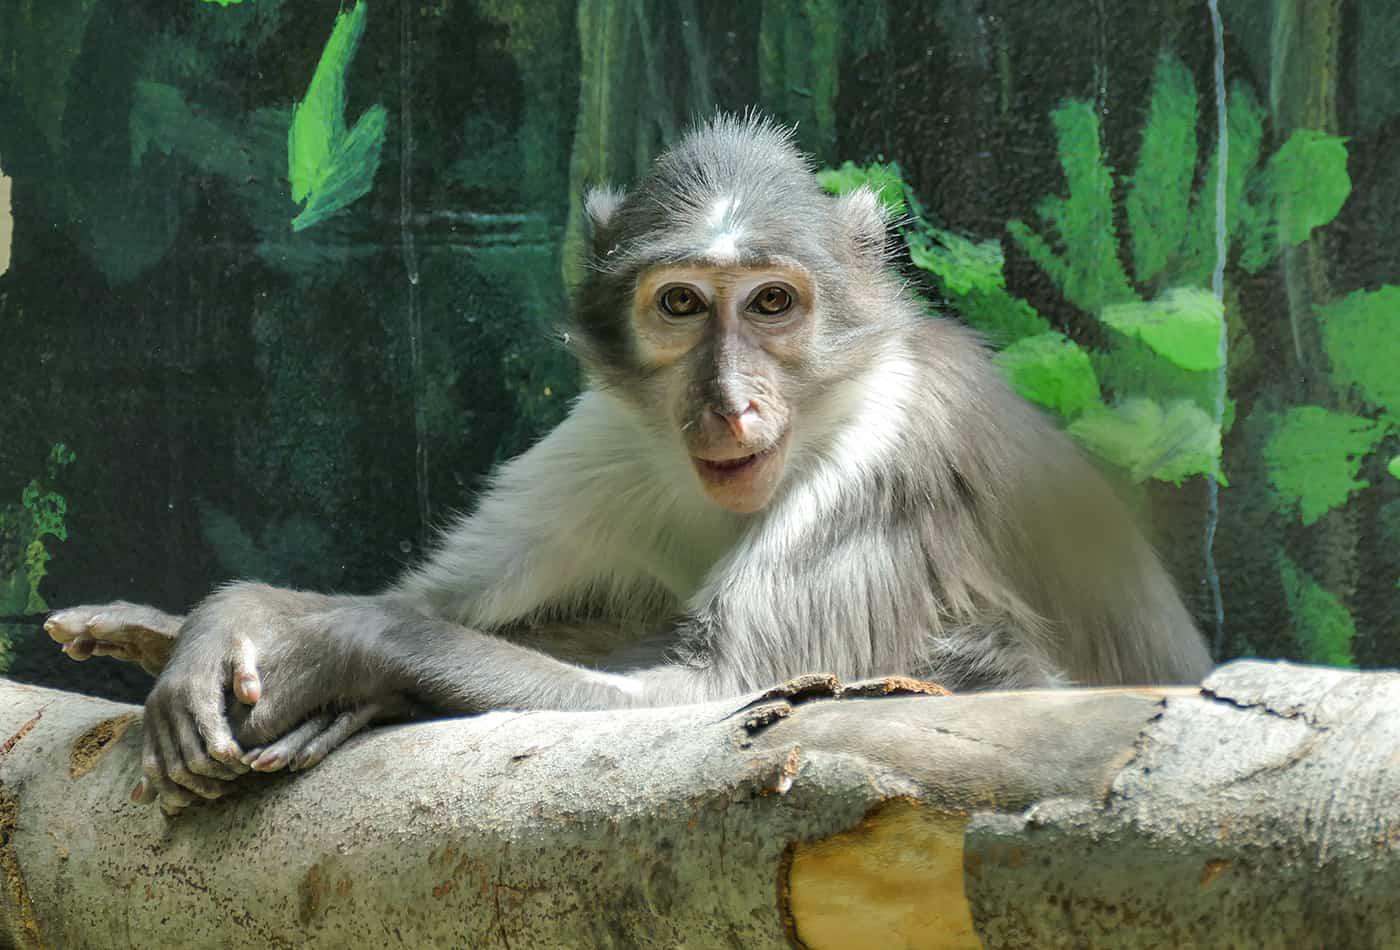 Männchen Harry kam kurz nach den beiden Weibchen im Zoo Heidelberg an. Alle drei Weißscheitelmangaben verstehen sich gut (Foto: Heidrun Knigge/Zoo Heidelberg)